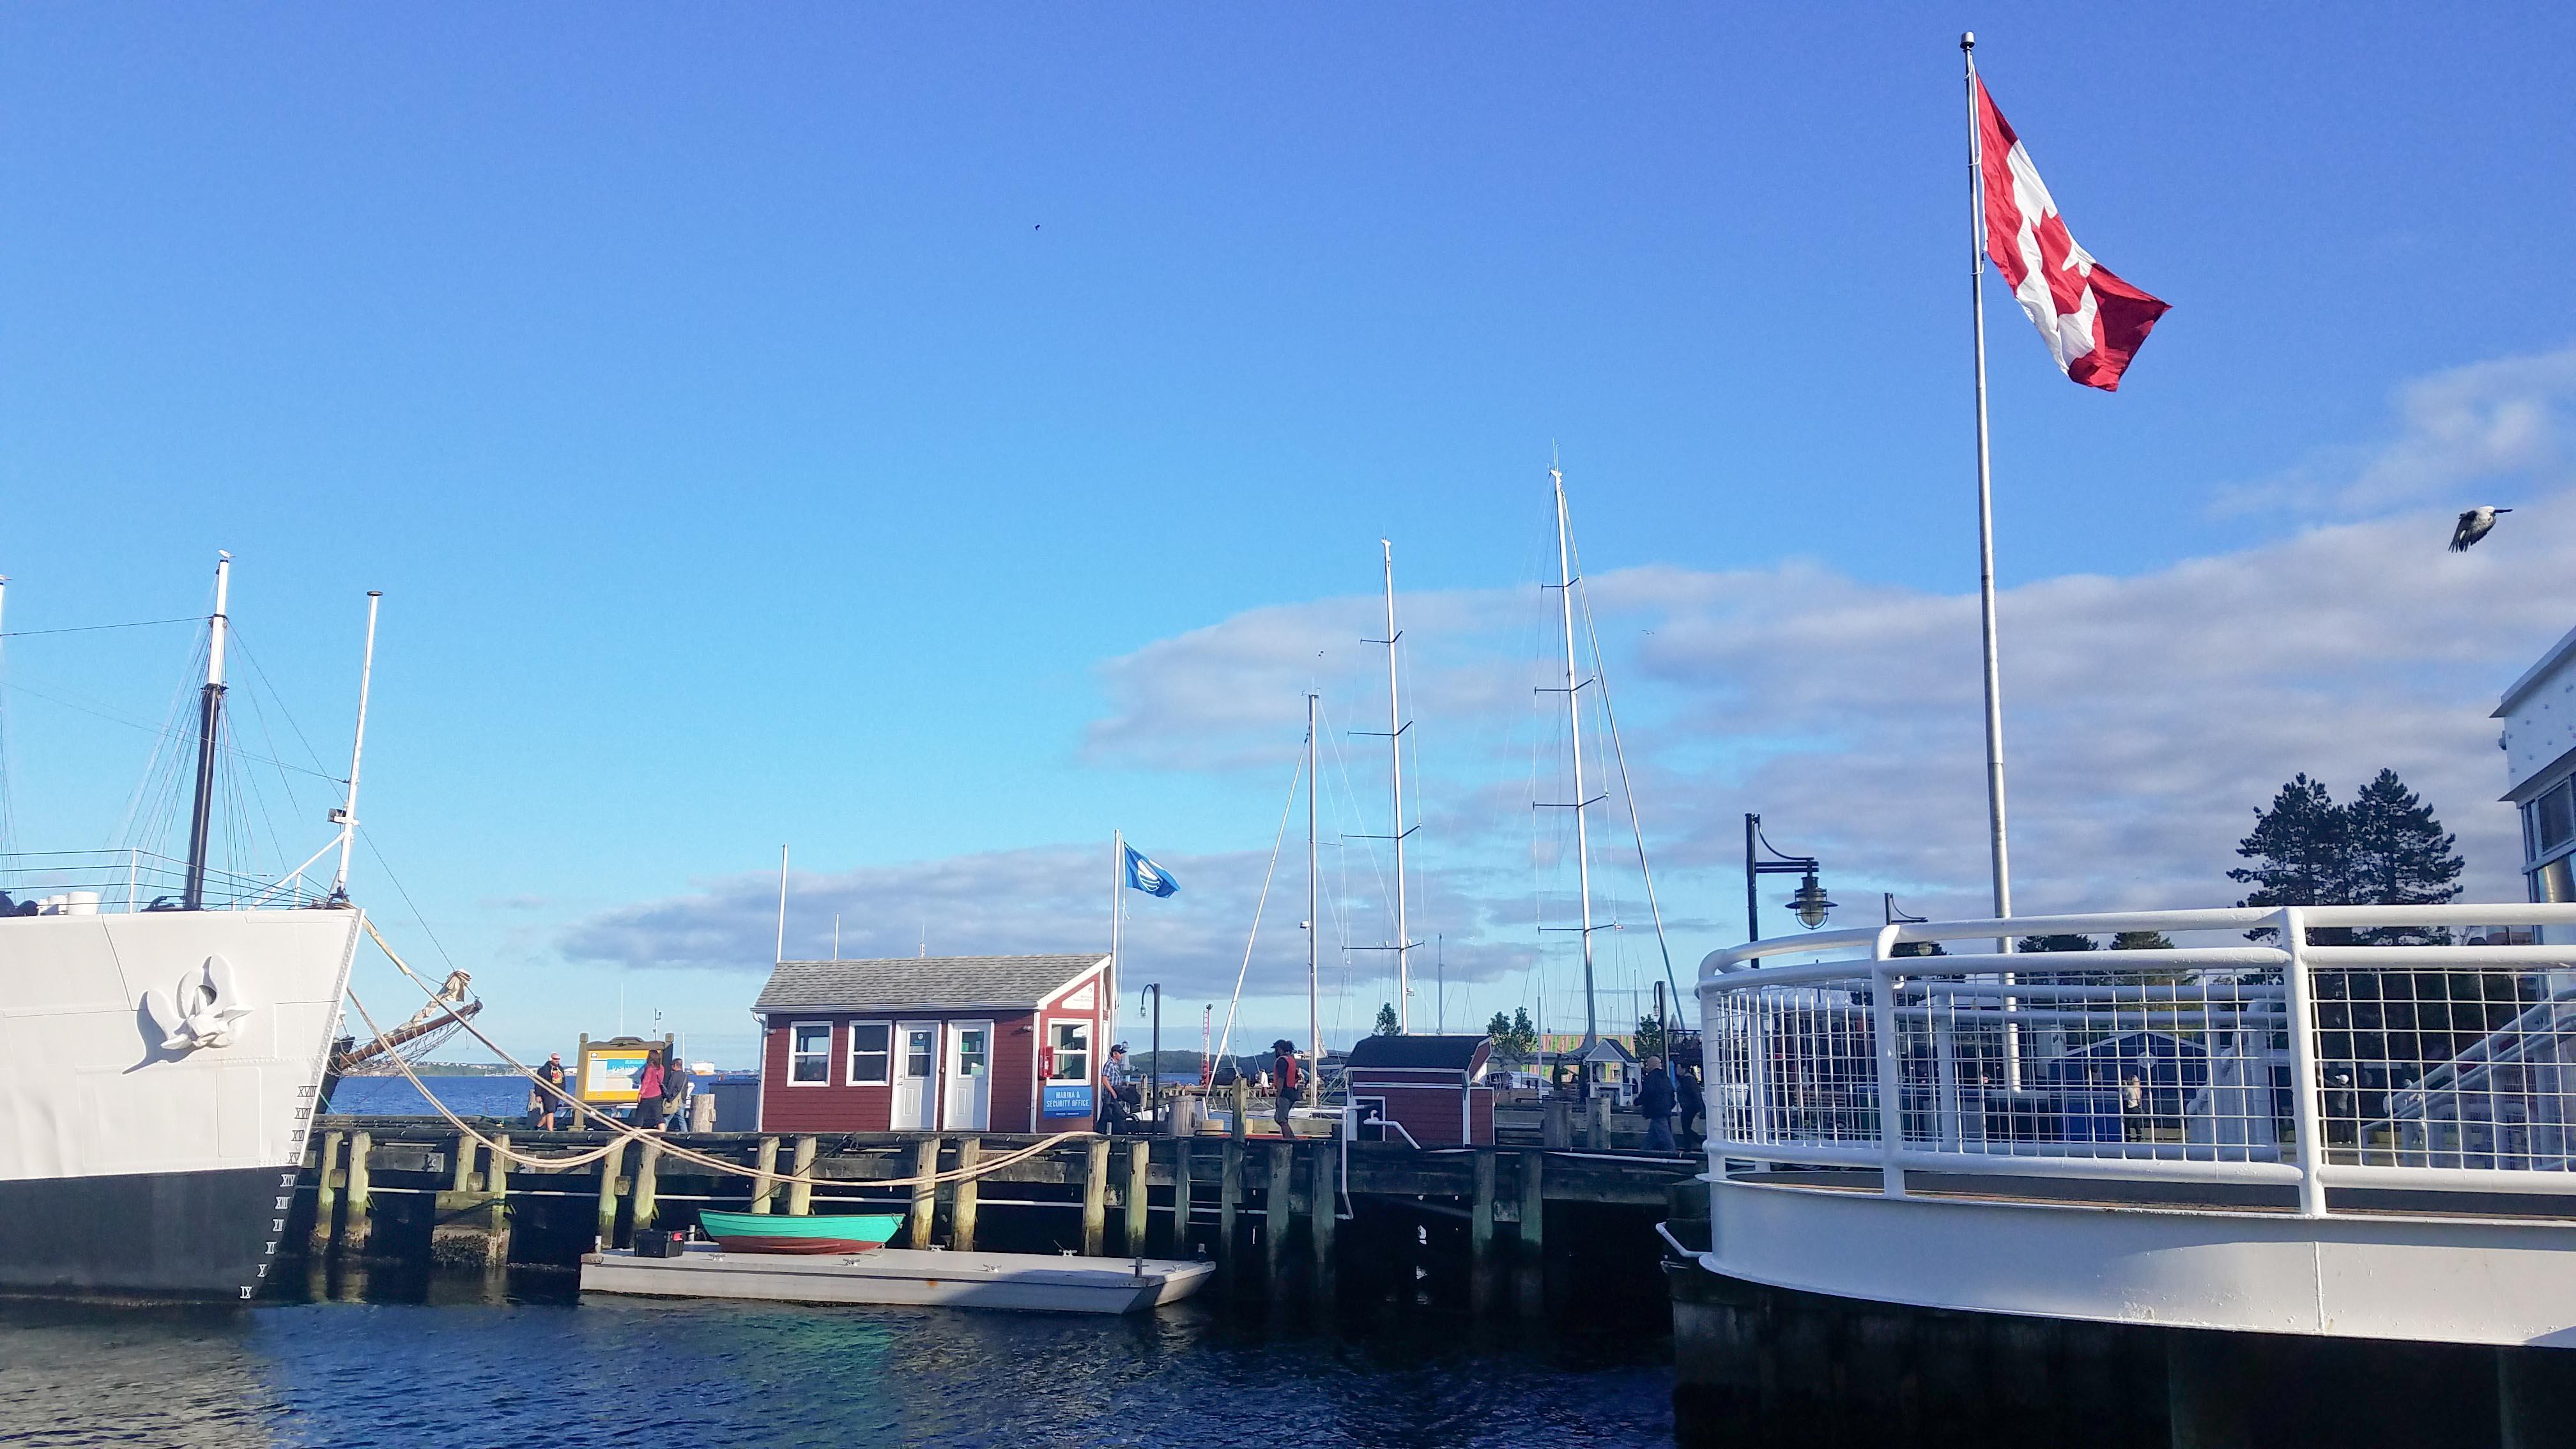 A Day in Halifax, Nova Scotia